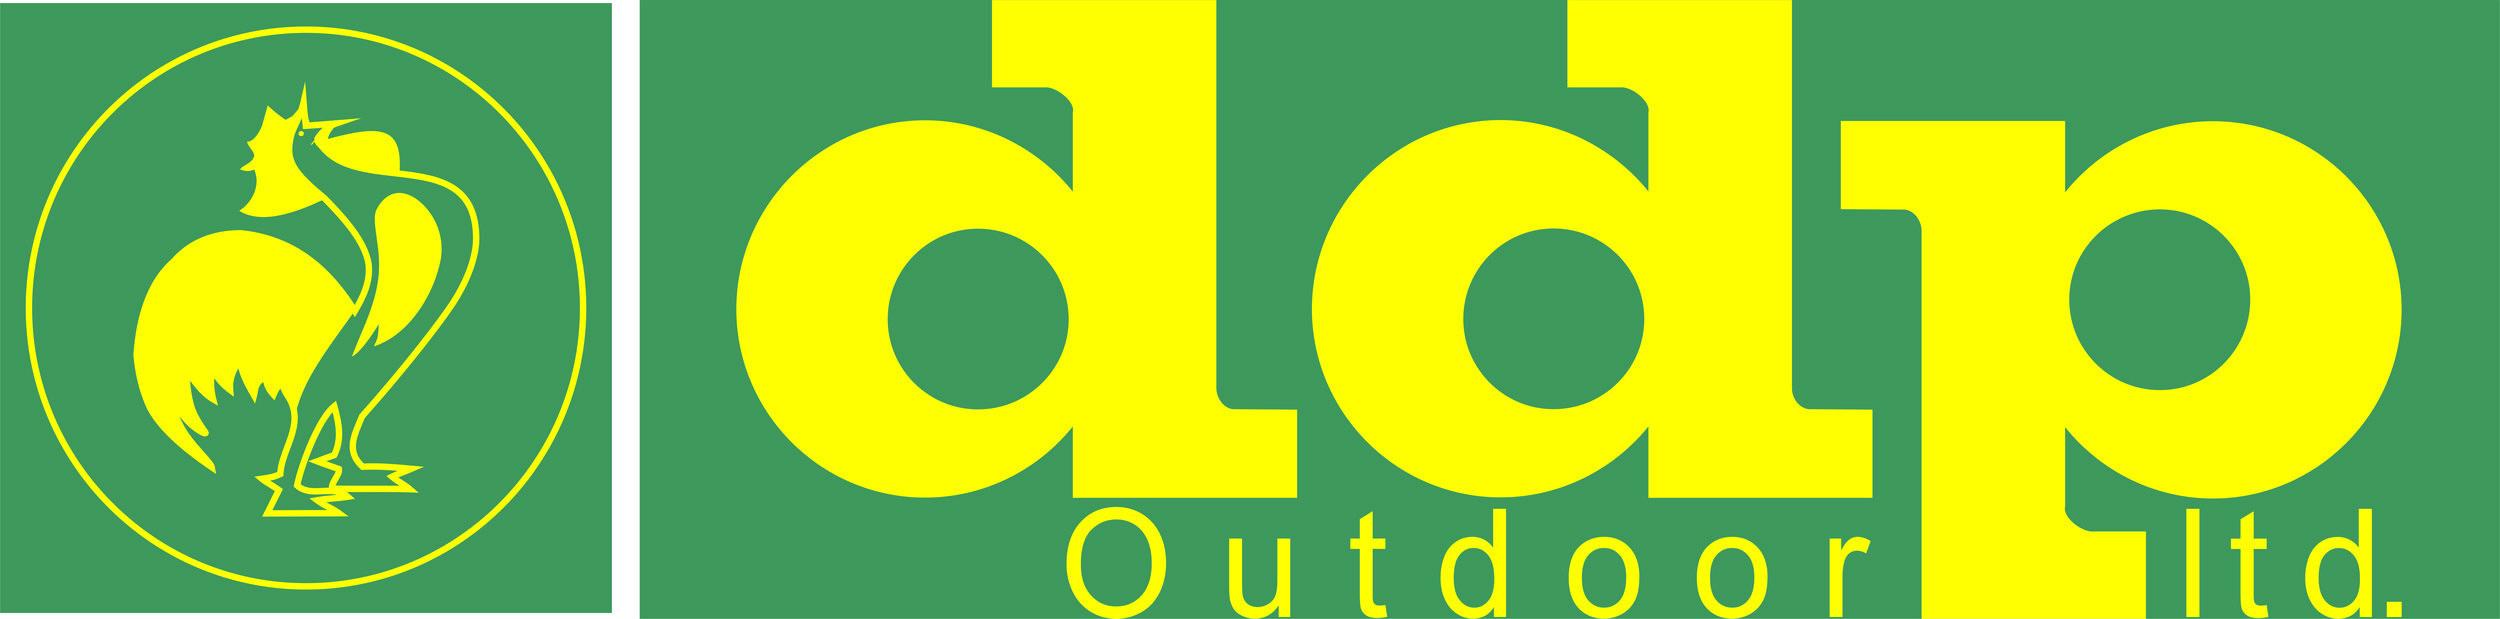 ddp logo (003).jpg